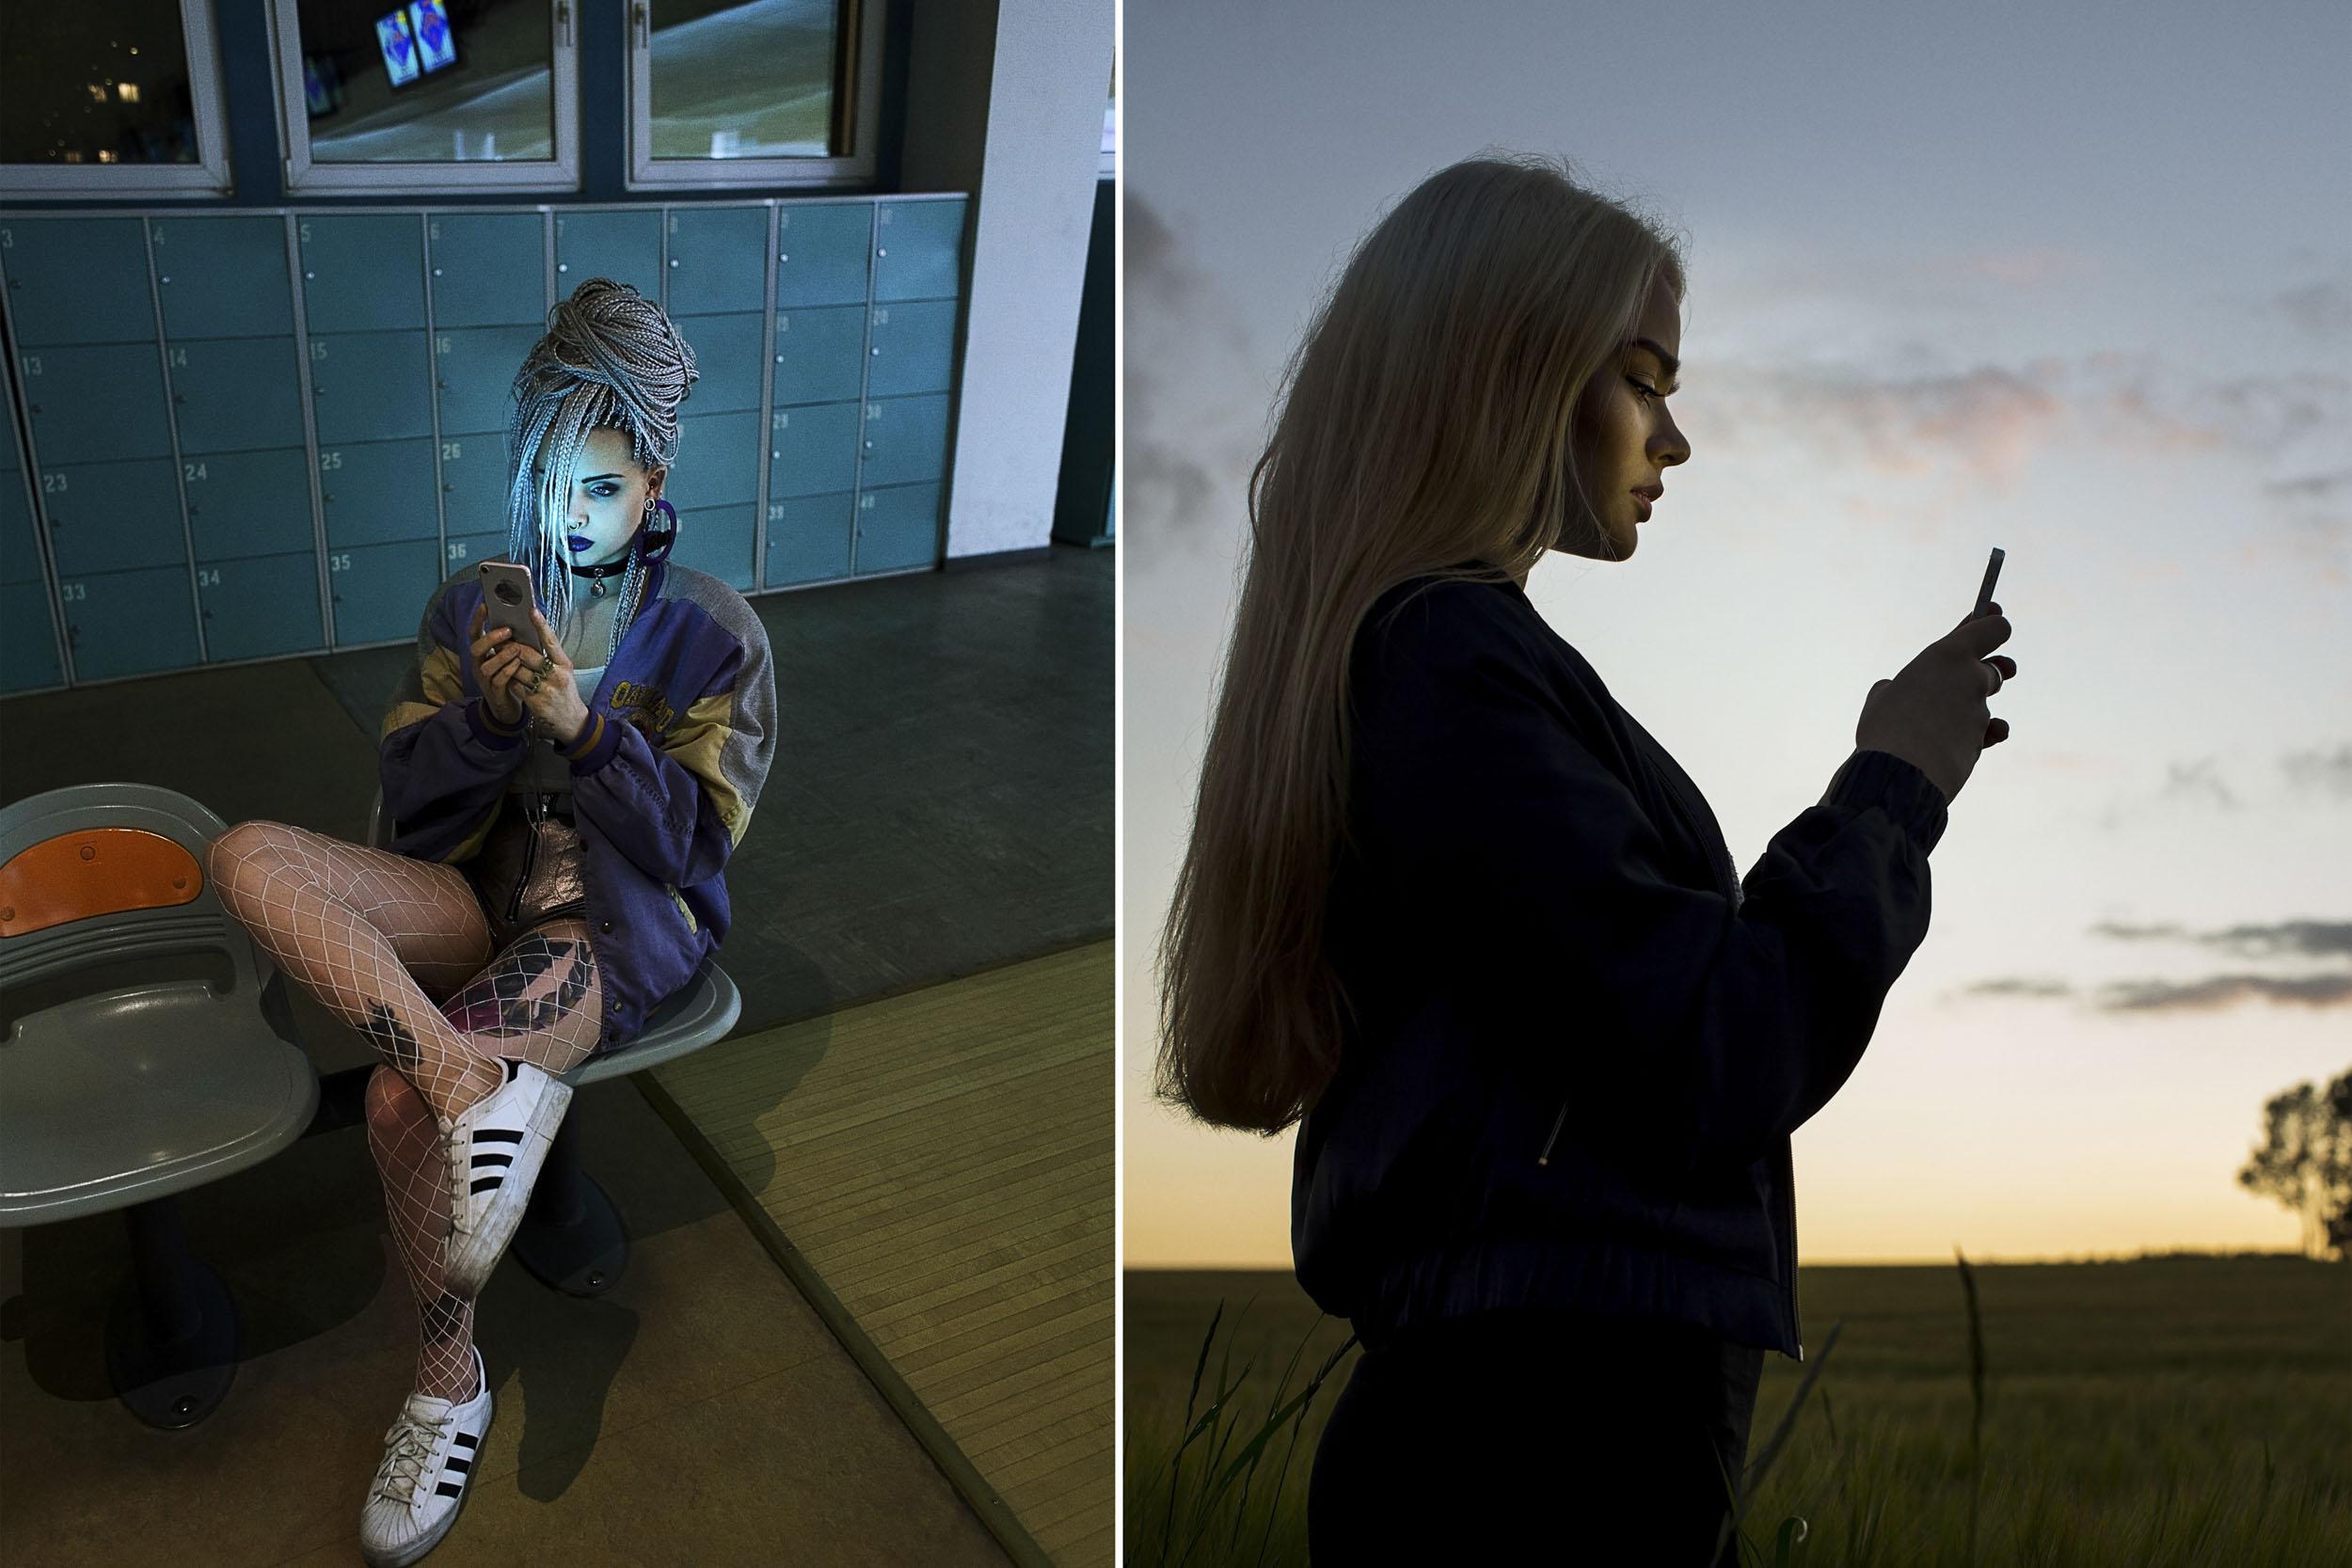 Delia-Baum_Photography_Berlin_247_002